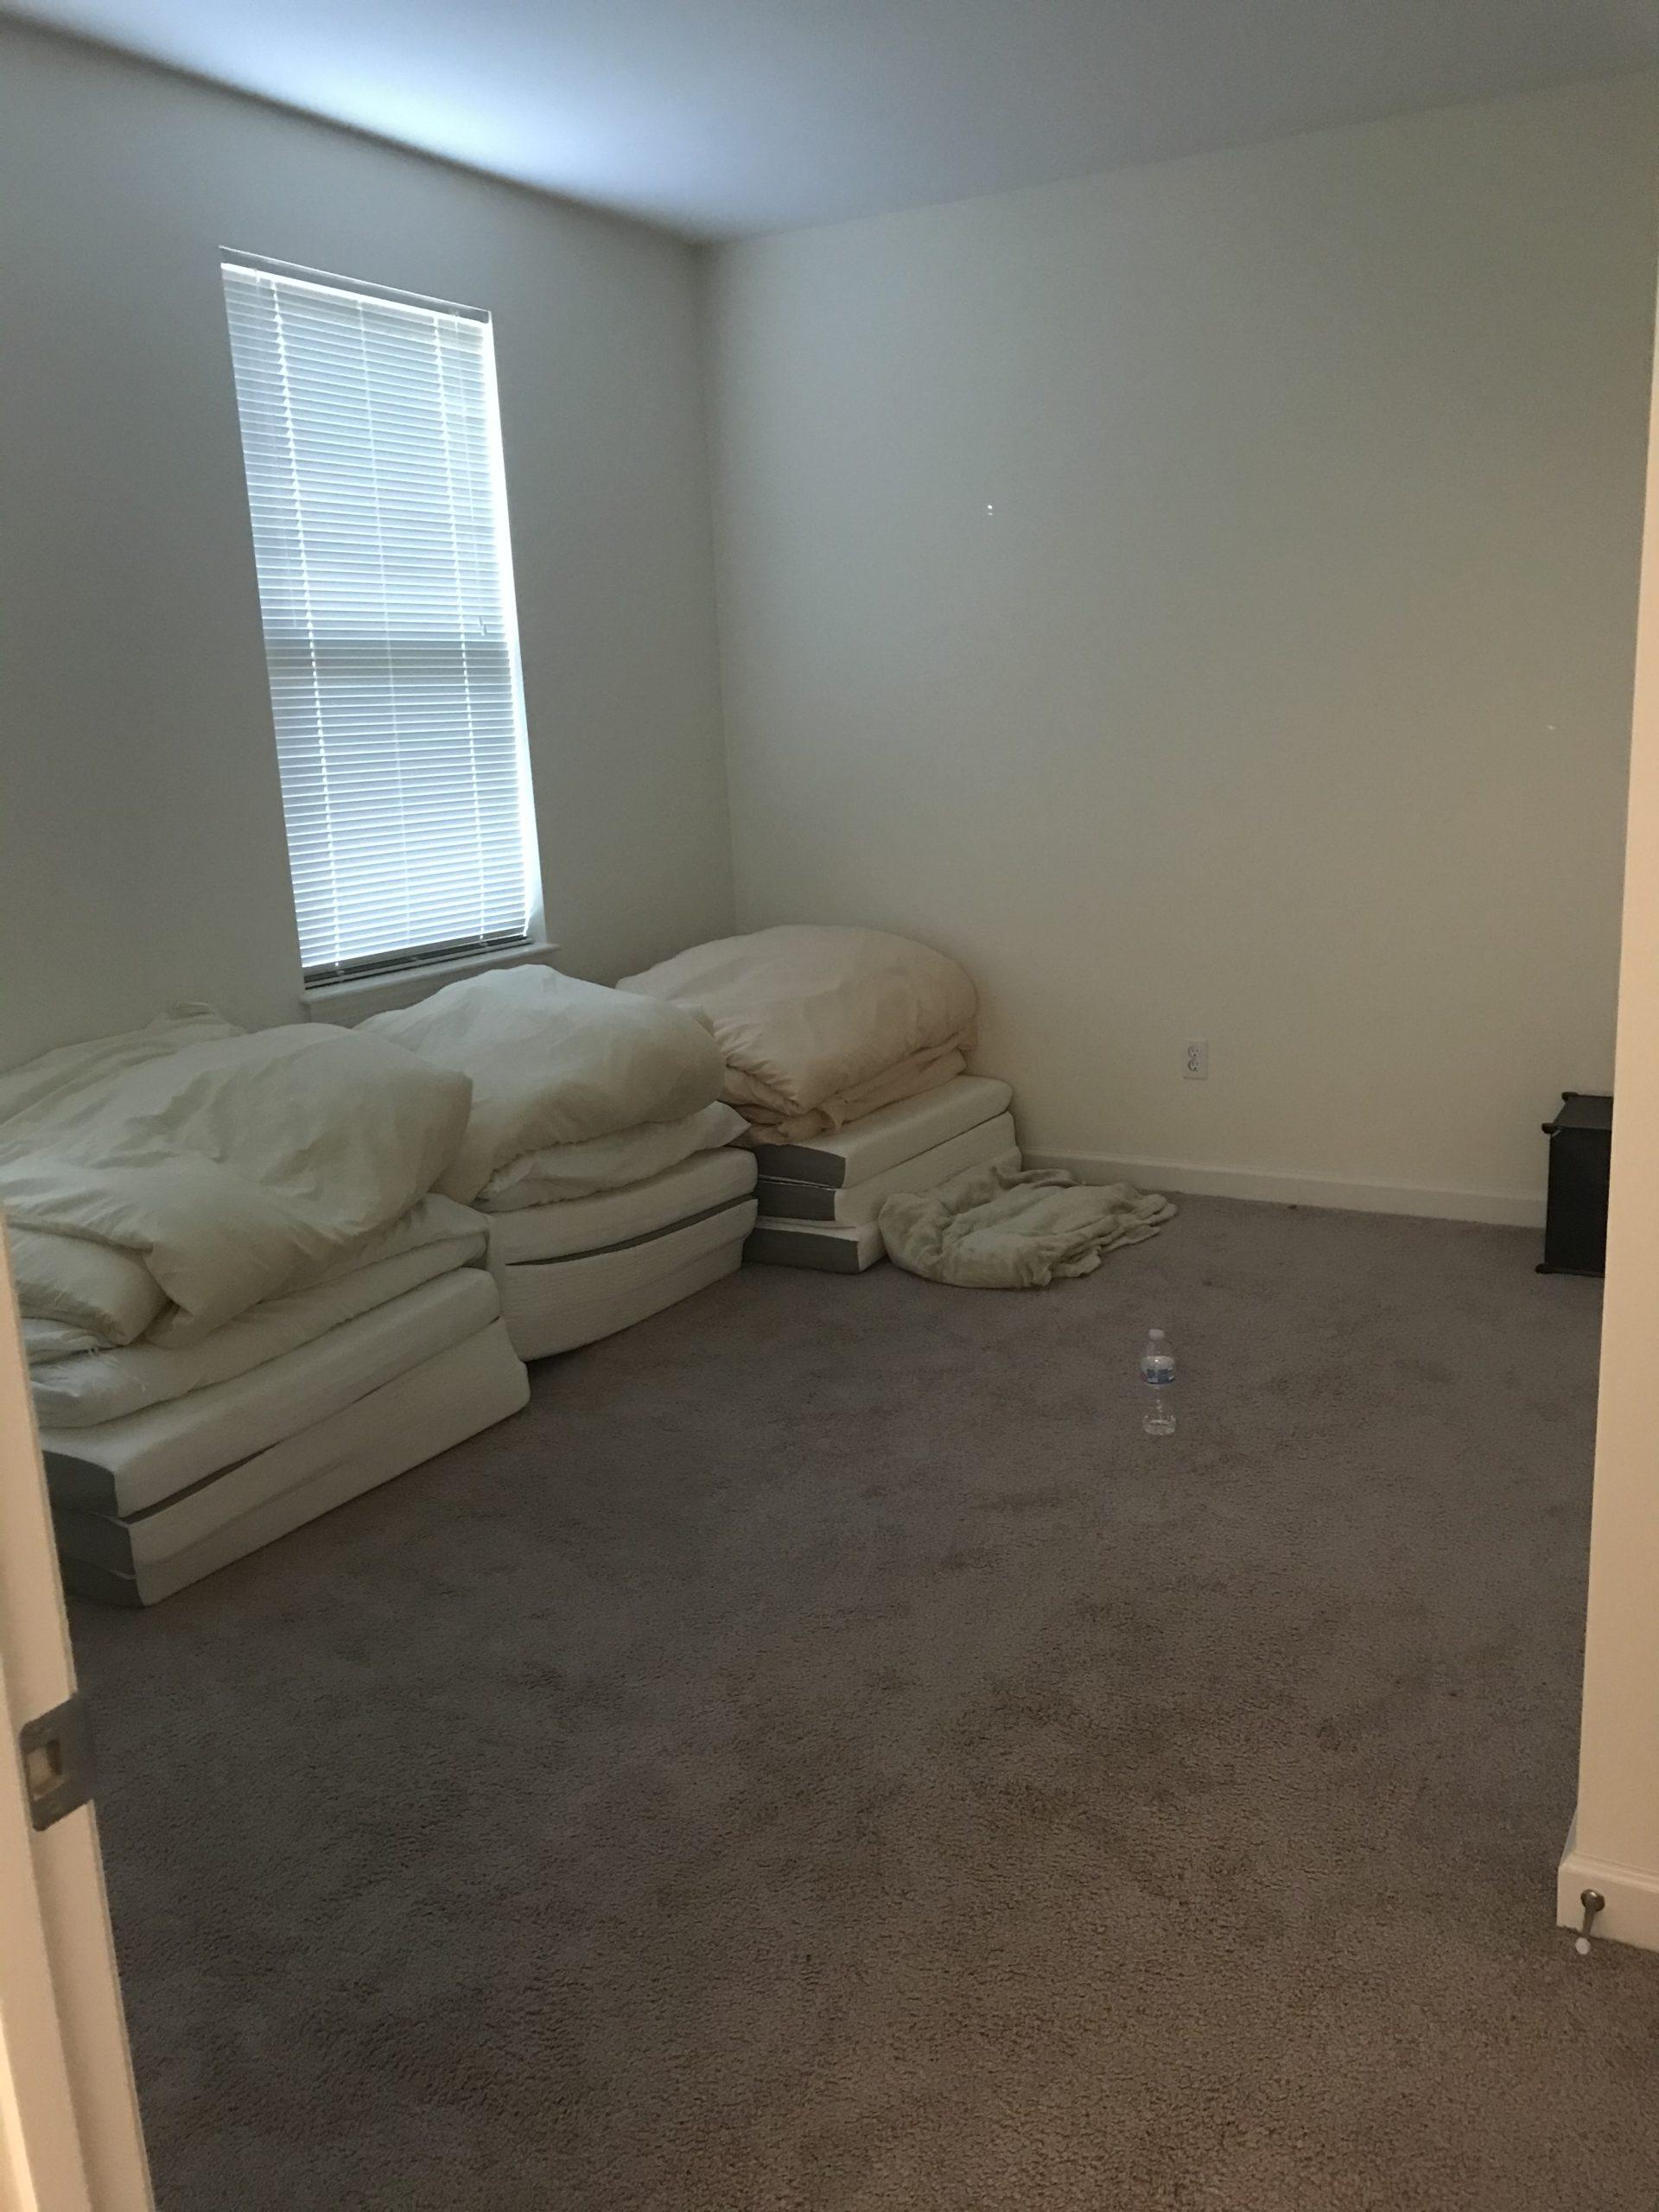 布団を畳んだ時の部屋の様子。広々と多用途に使うことができます。参考にペットボトルを置いてみました。